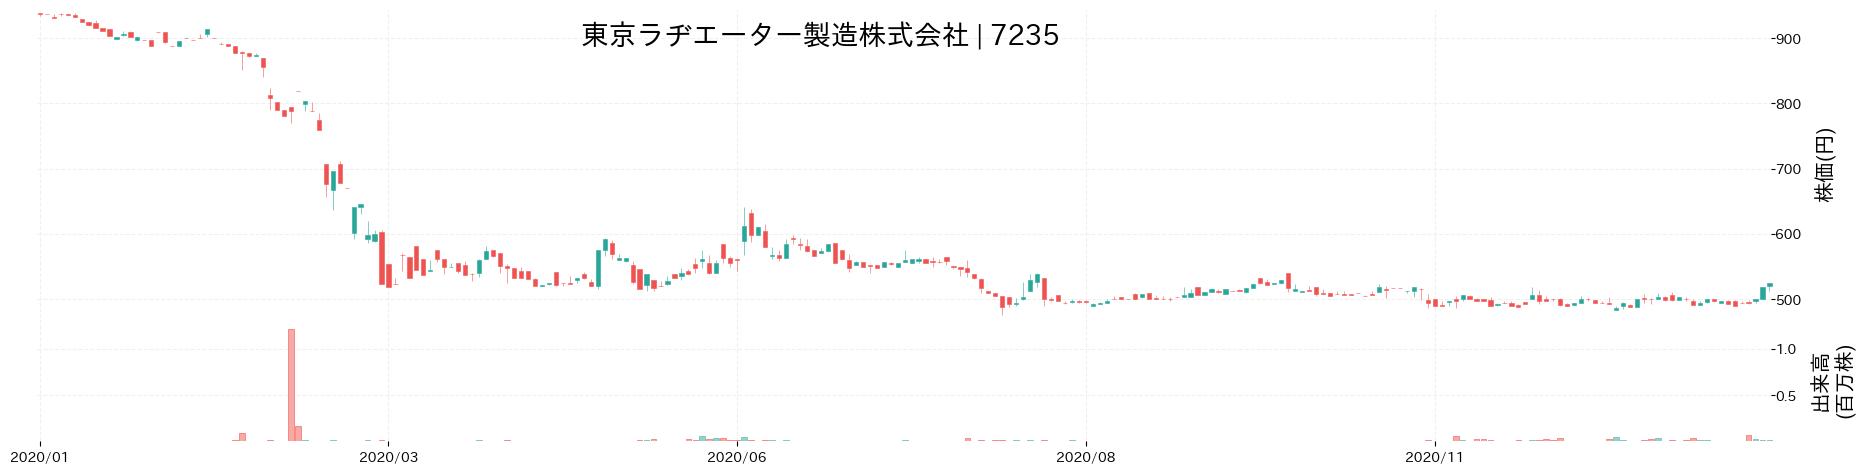 東京ラヂエーター製造株式会社の株価推移(2020)